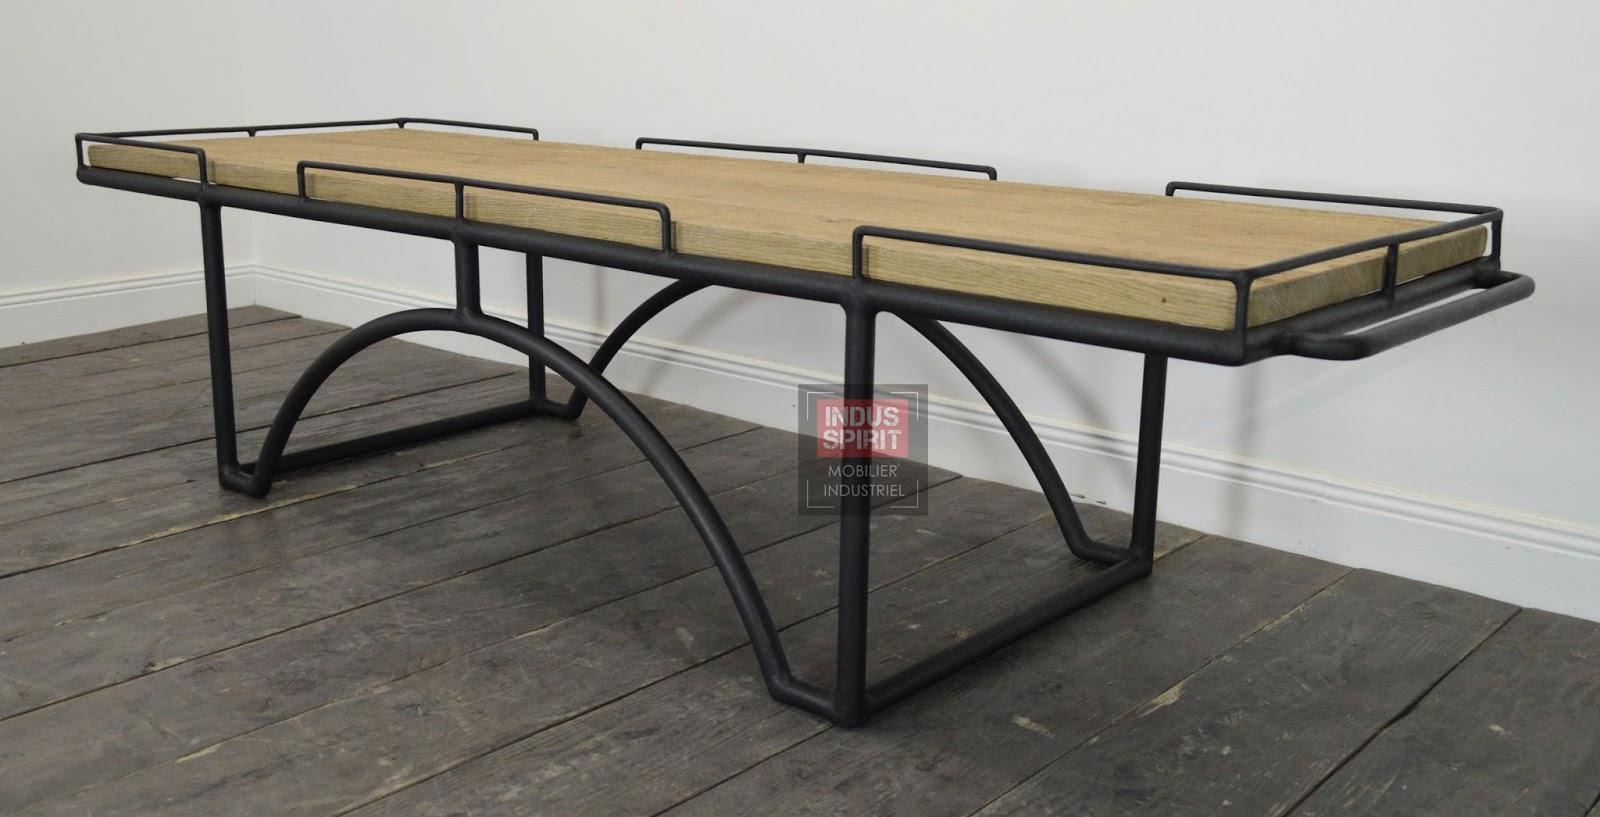 Table basse design industriel bois et m tal - Table basse metal industriel ...